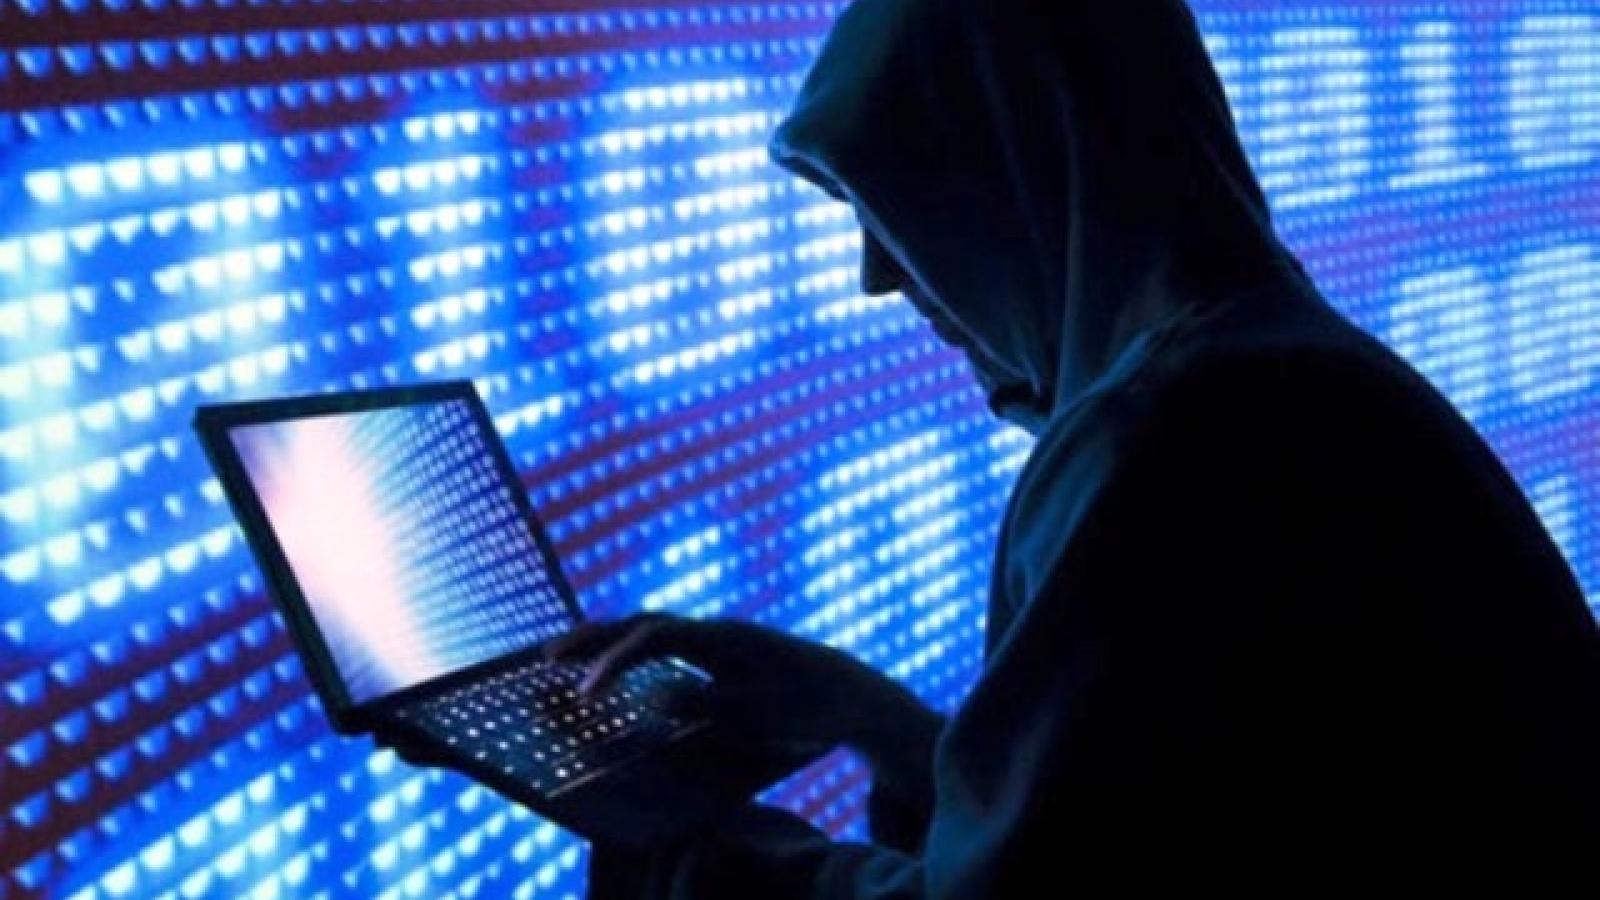 Gia tăng các hoạt động chống phá trên không gian mạng khi diễn ra Đại hội Đảng